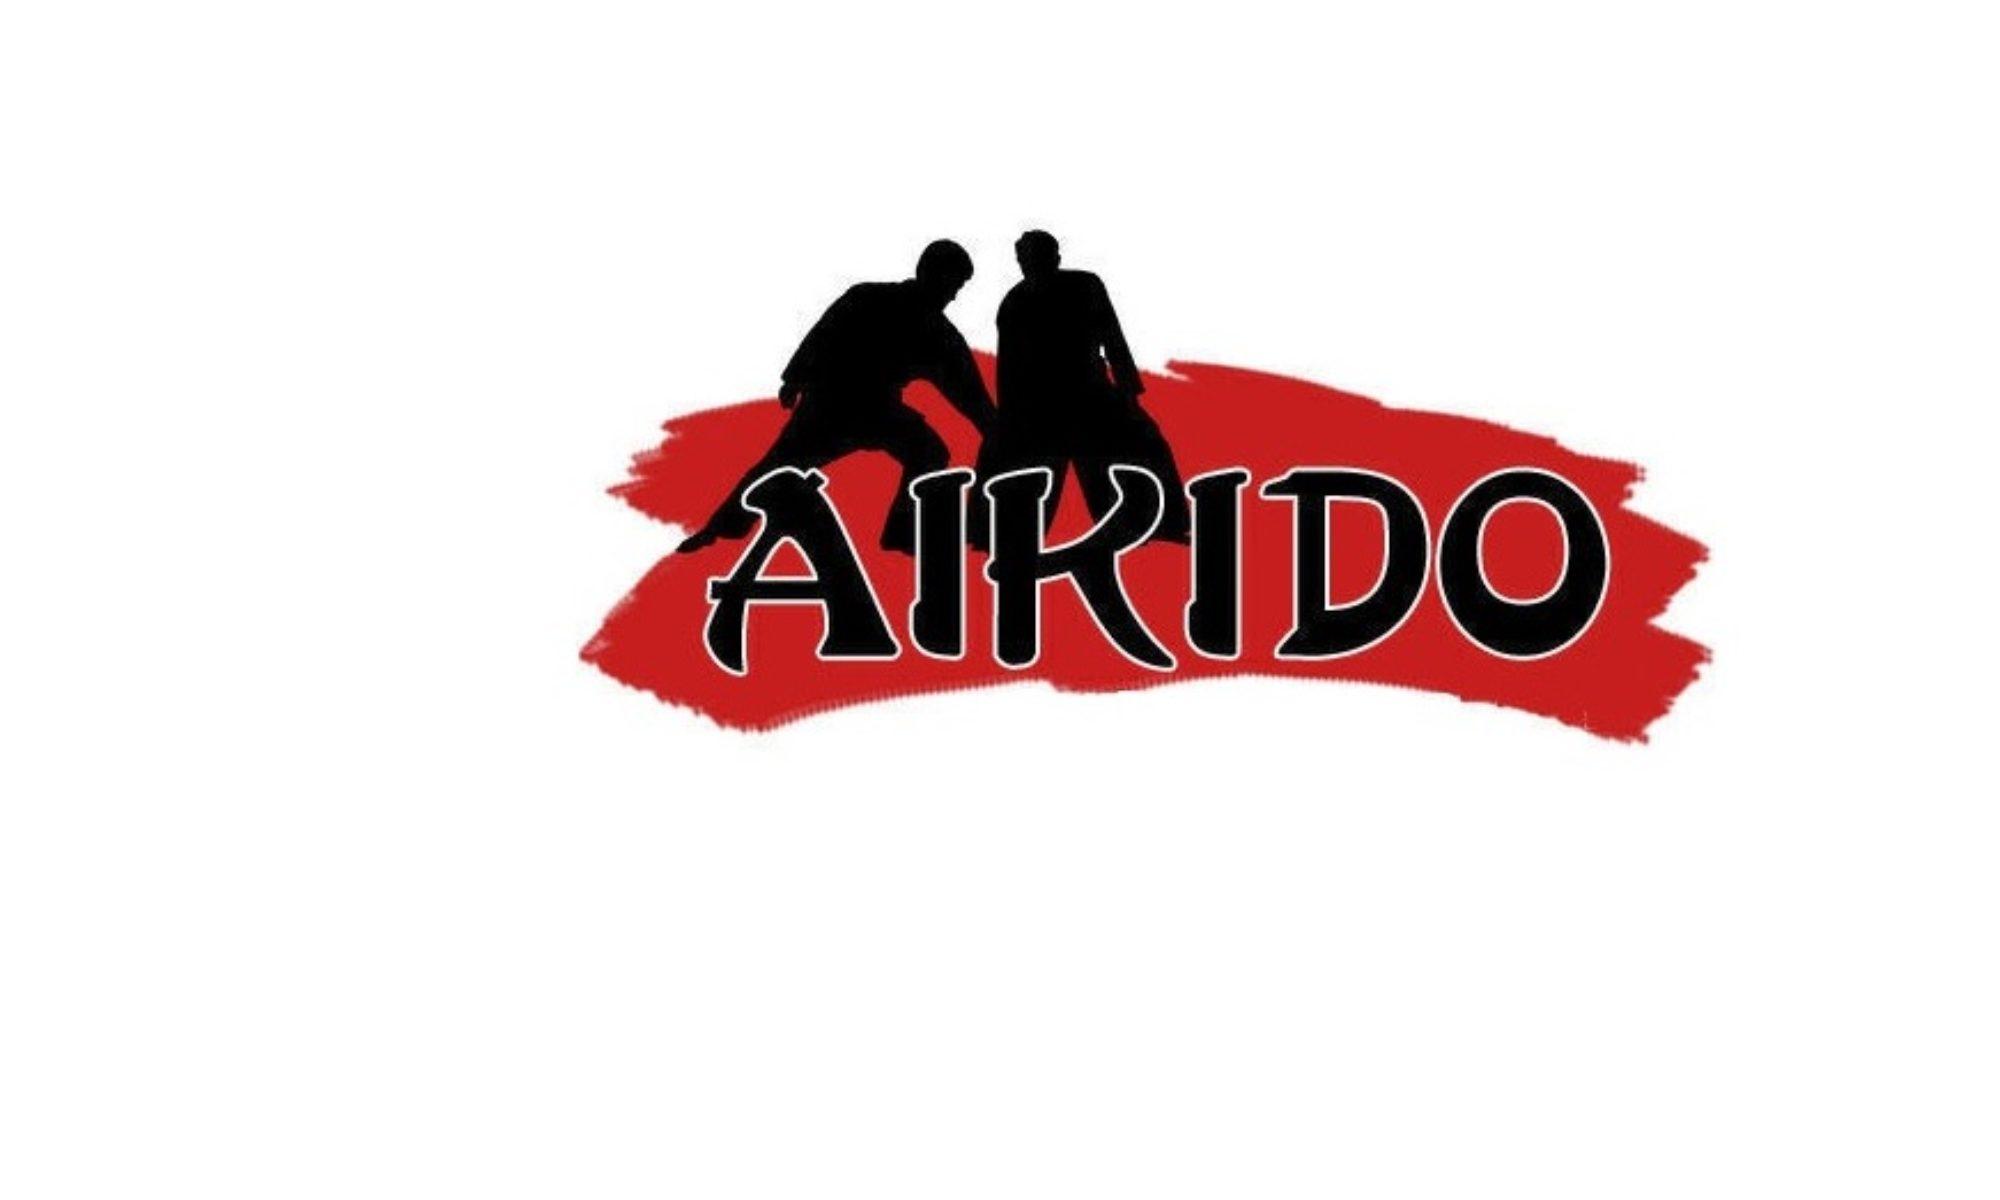 Aikido Coevorden - Furi Suku Ryu